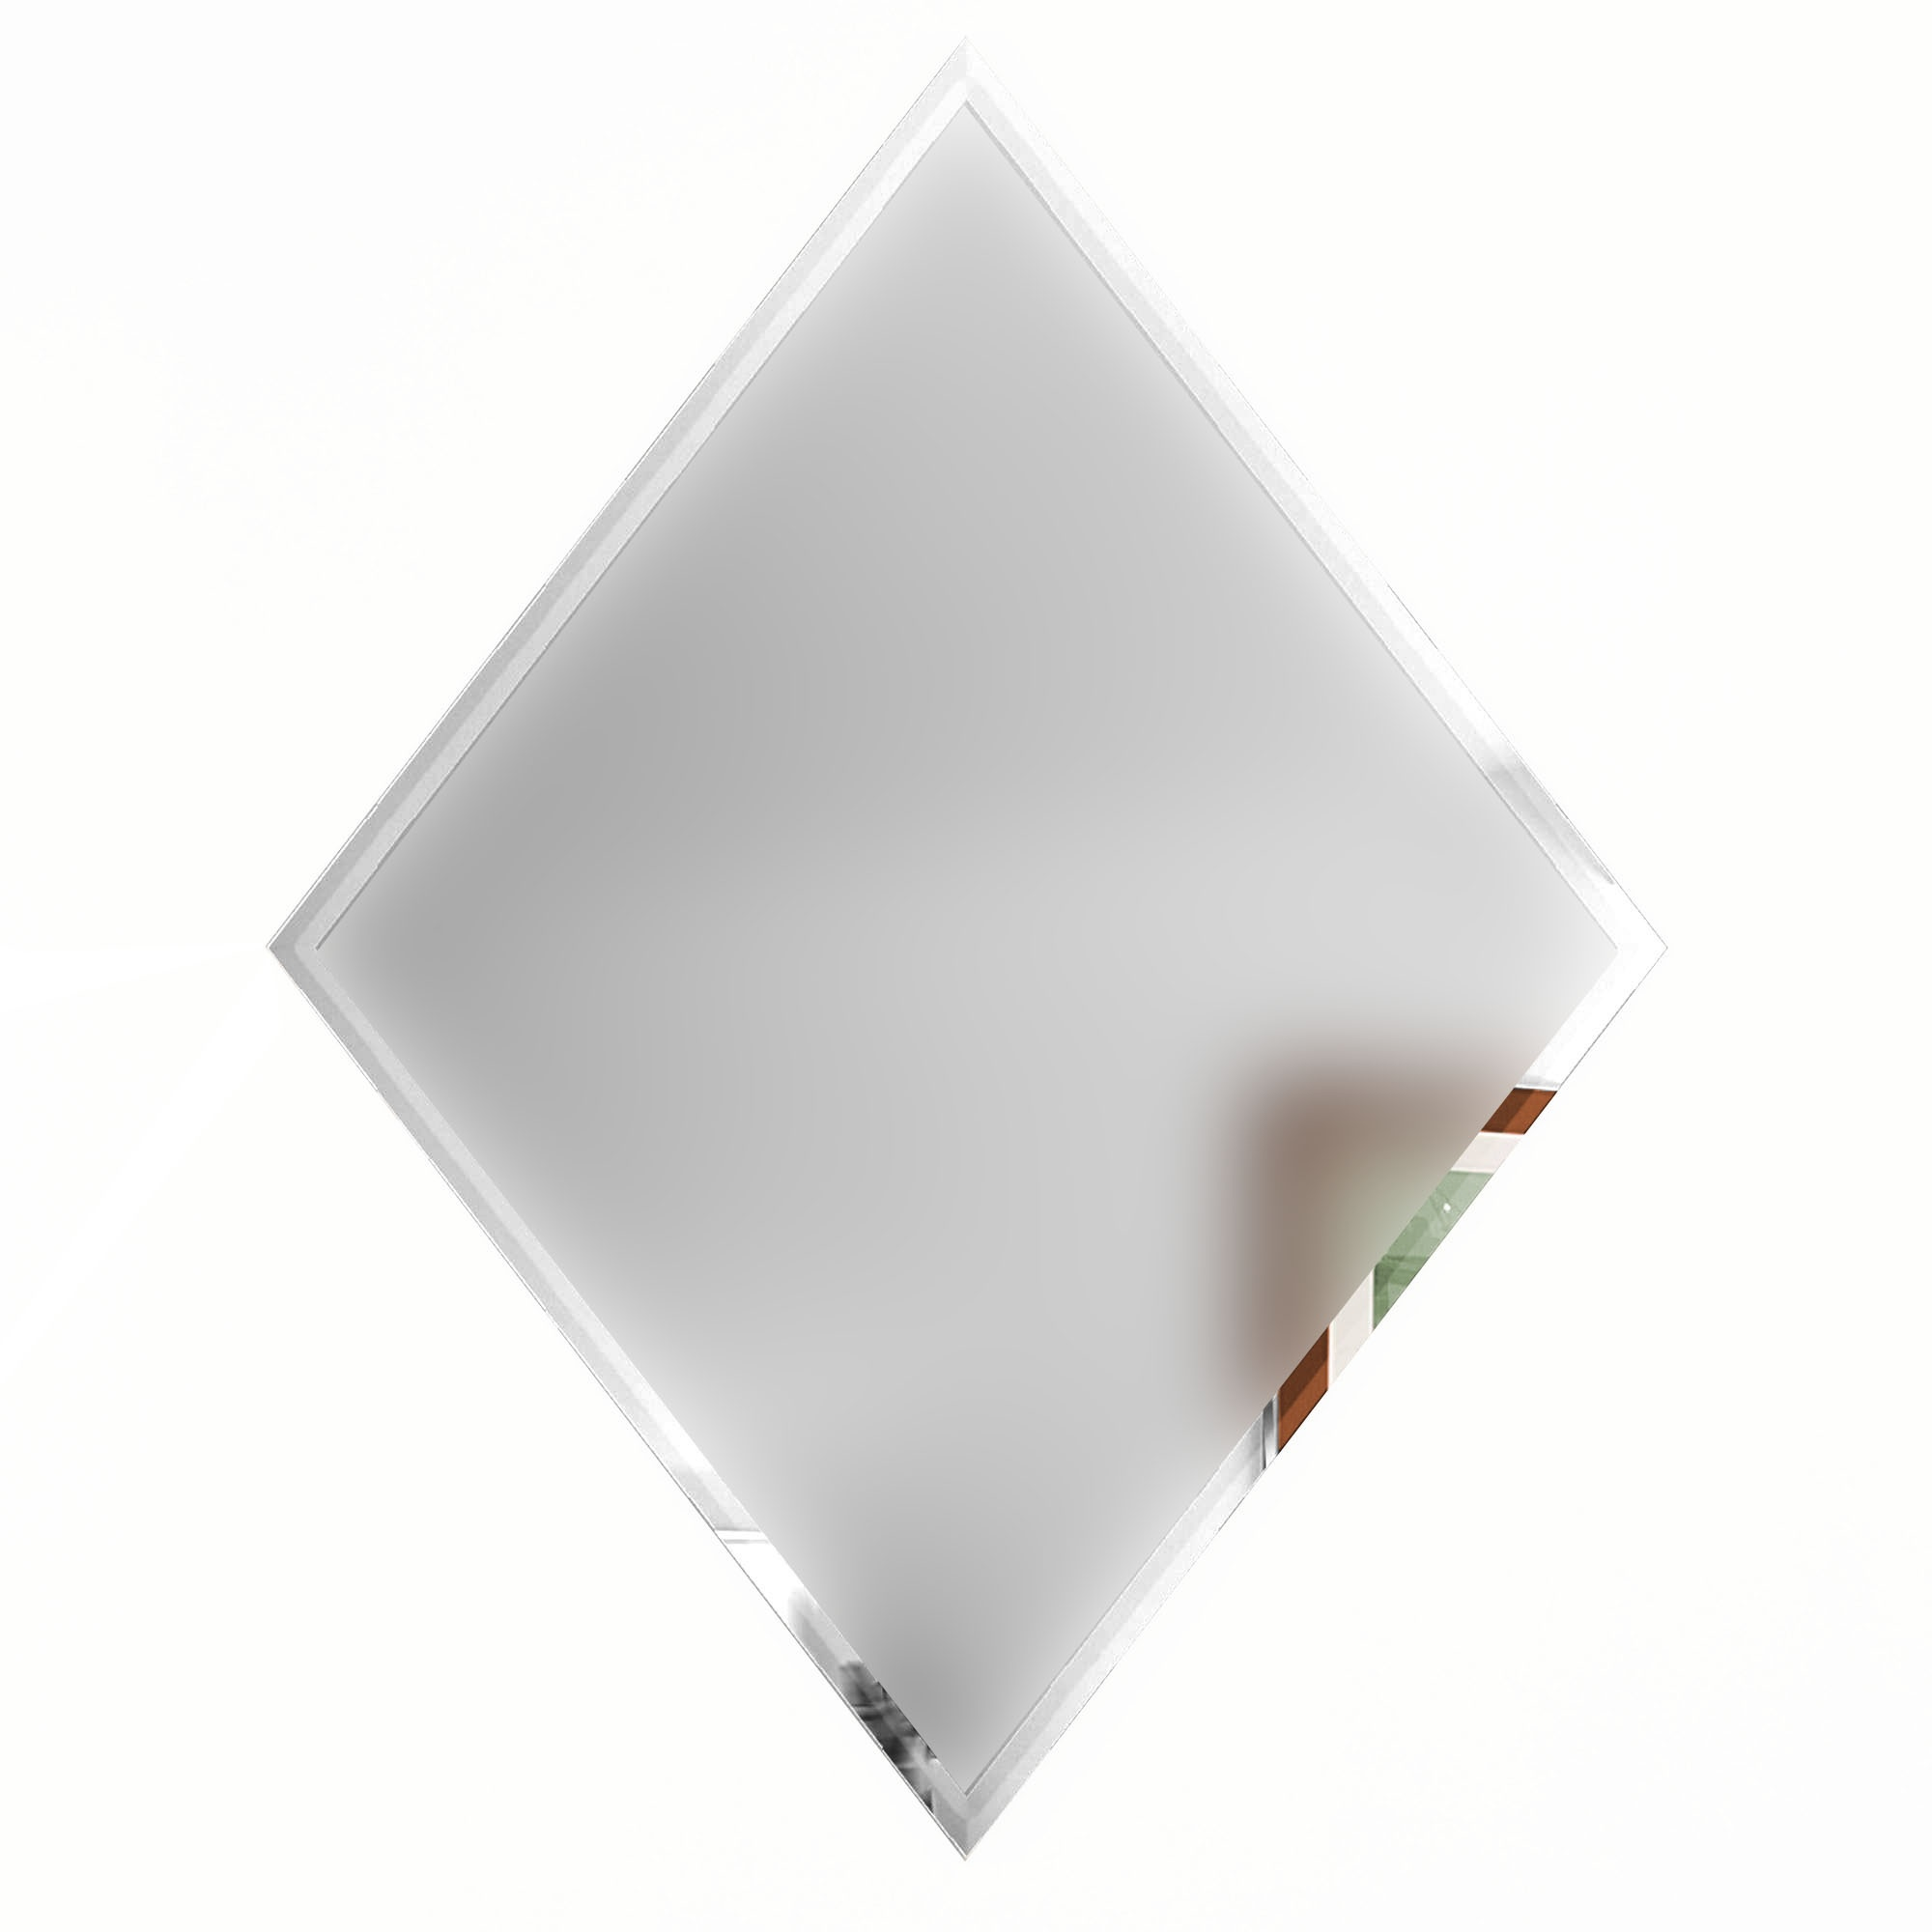 """Reflections 6"""" x 8"""" Matte Silver Mirror Diamond Backsplash Wall Tile"""